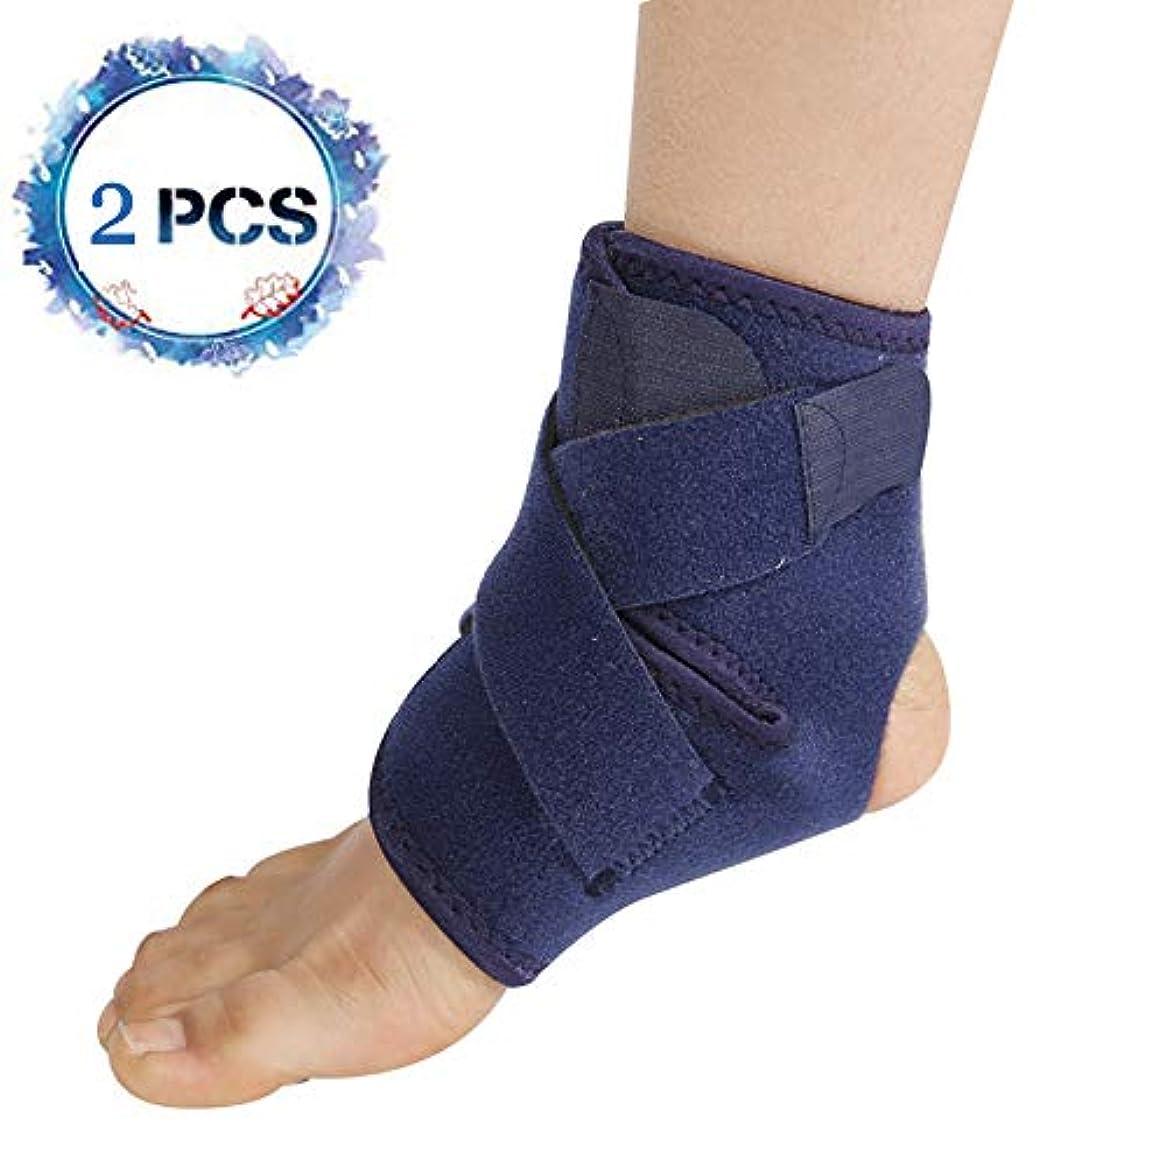 足底筋膜炎夜間副木 - 男性と女性のストレッチバンドの足底筋膜炎 - 足底筋膜矯正足のサポート(1ペア)